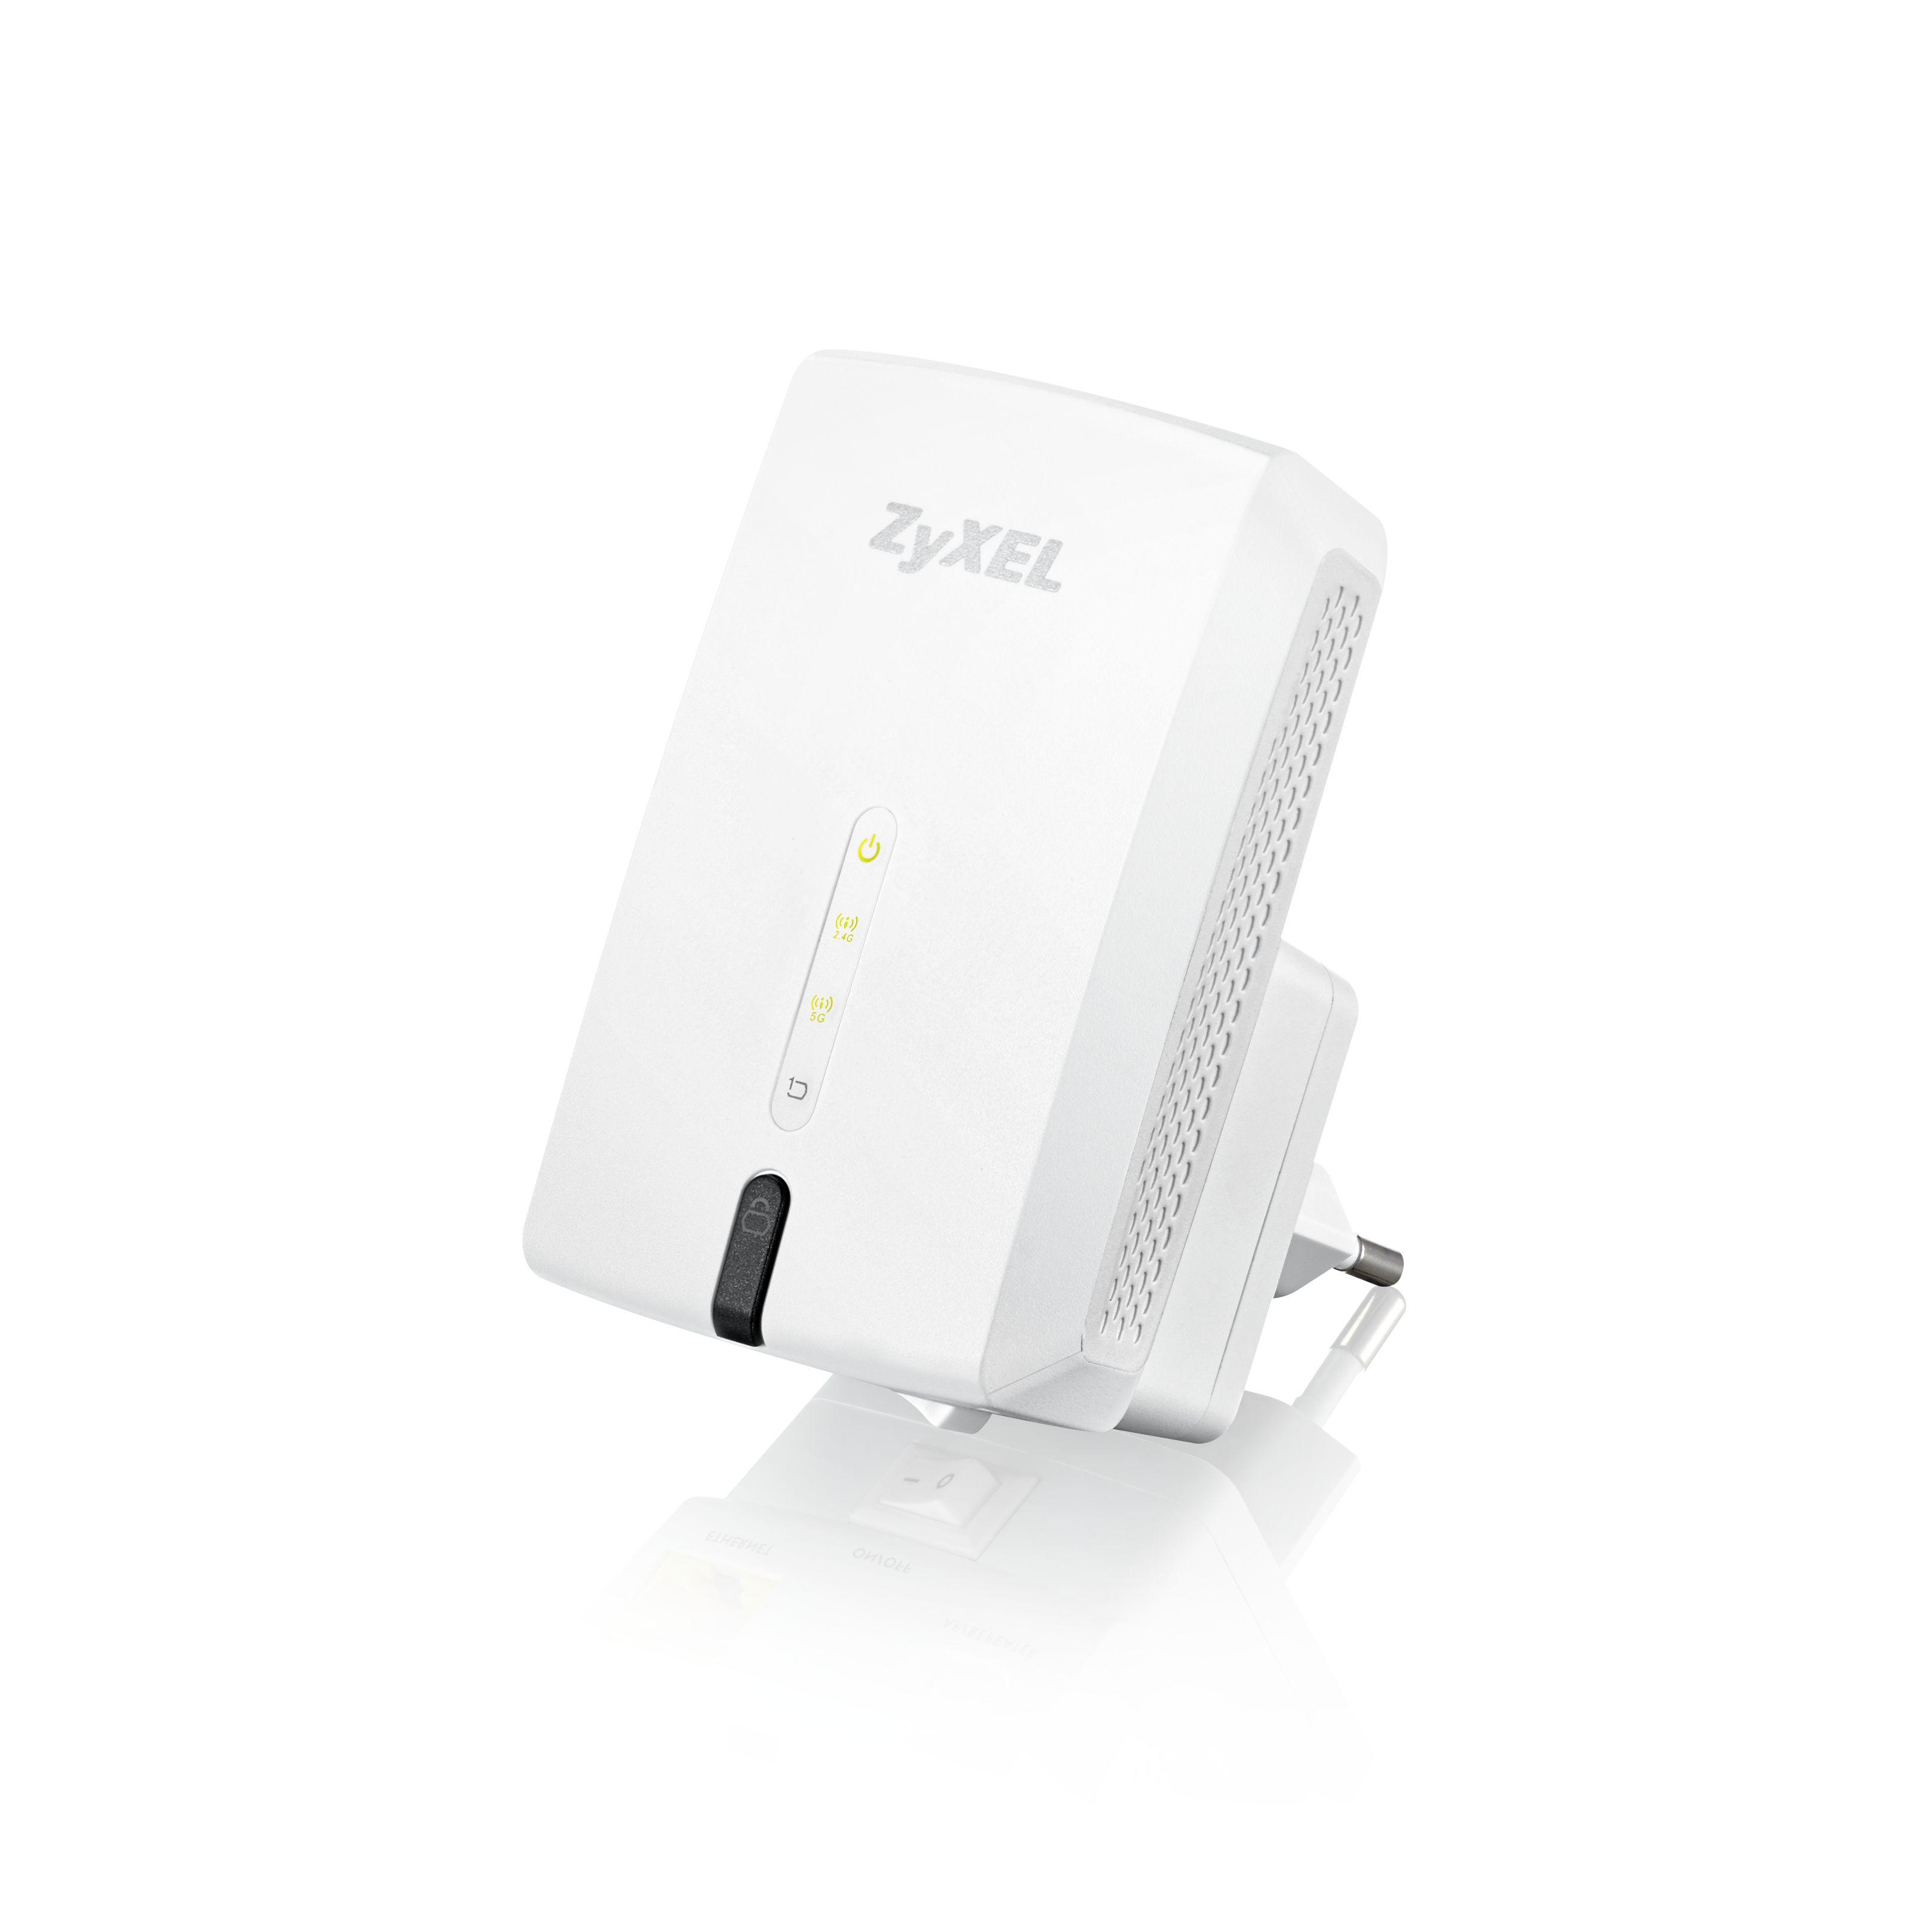 ZyXEL wzmocni Wi-Fi w standardzie AC